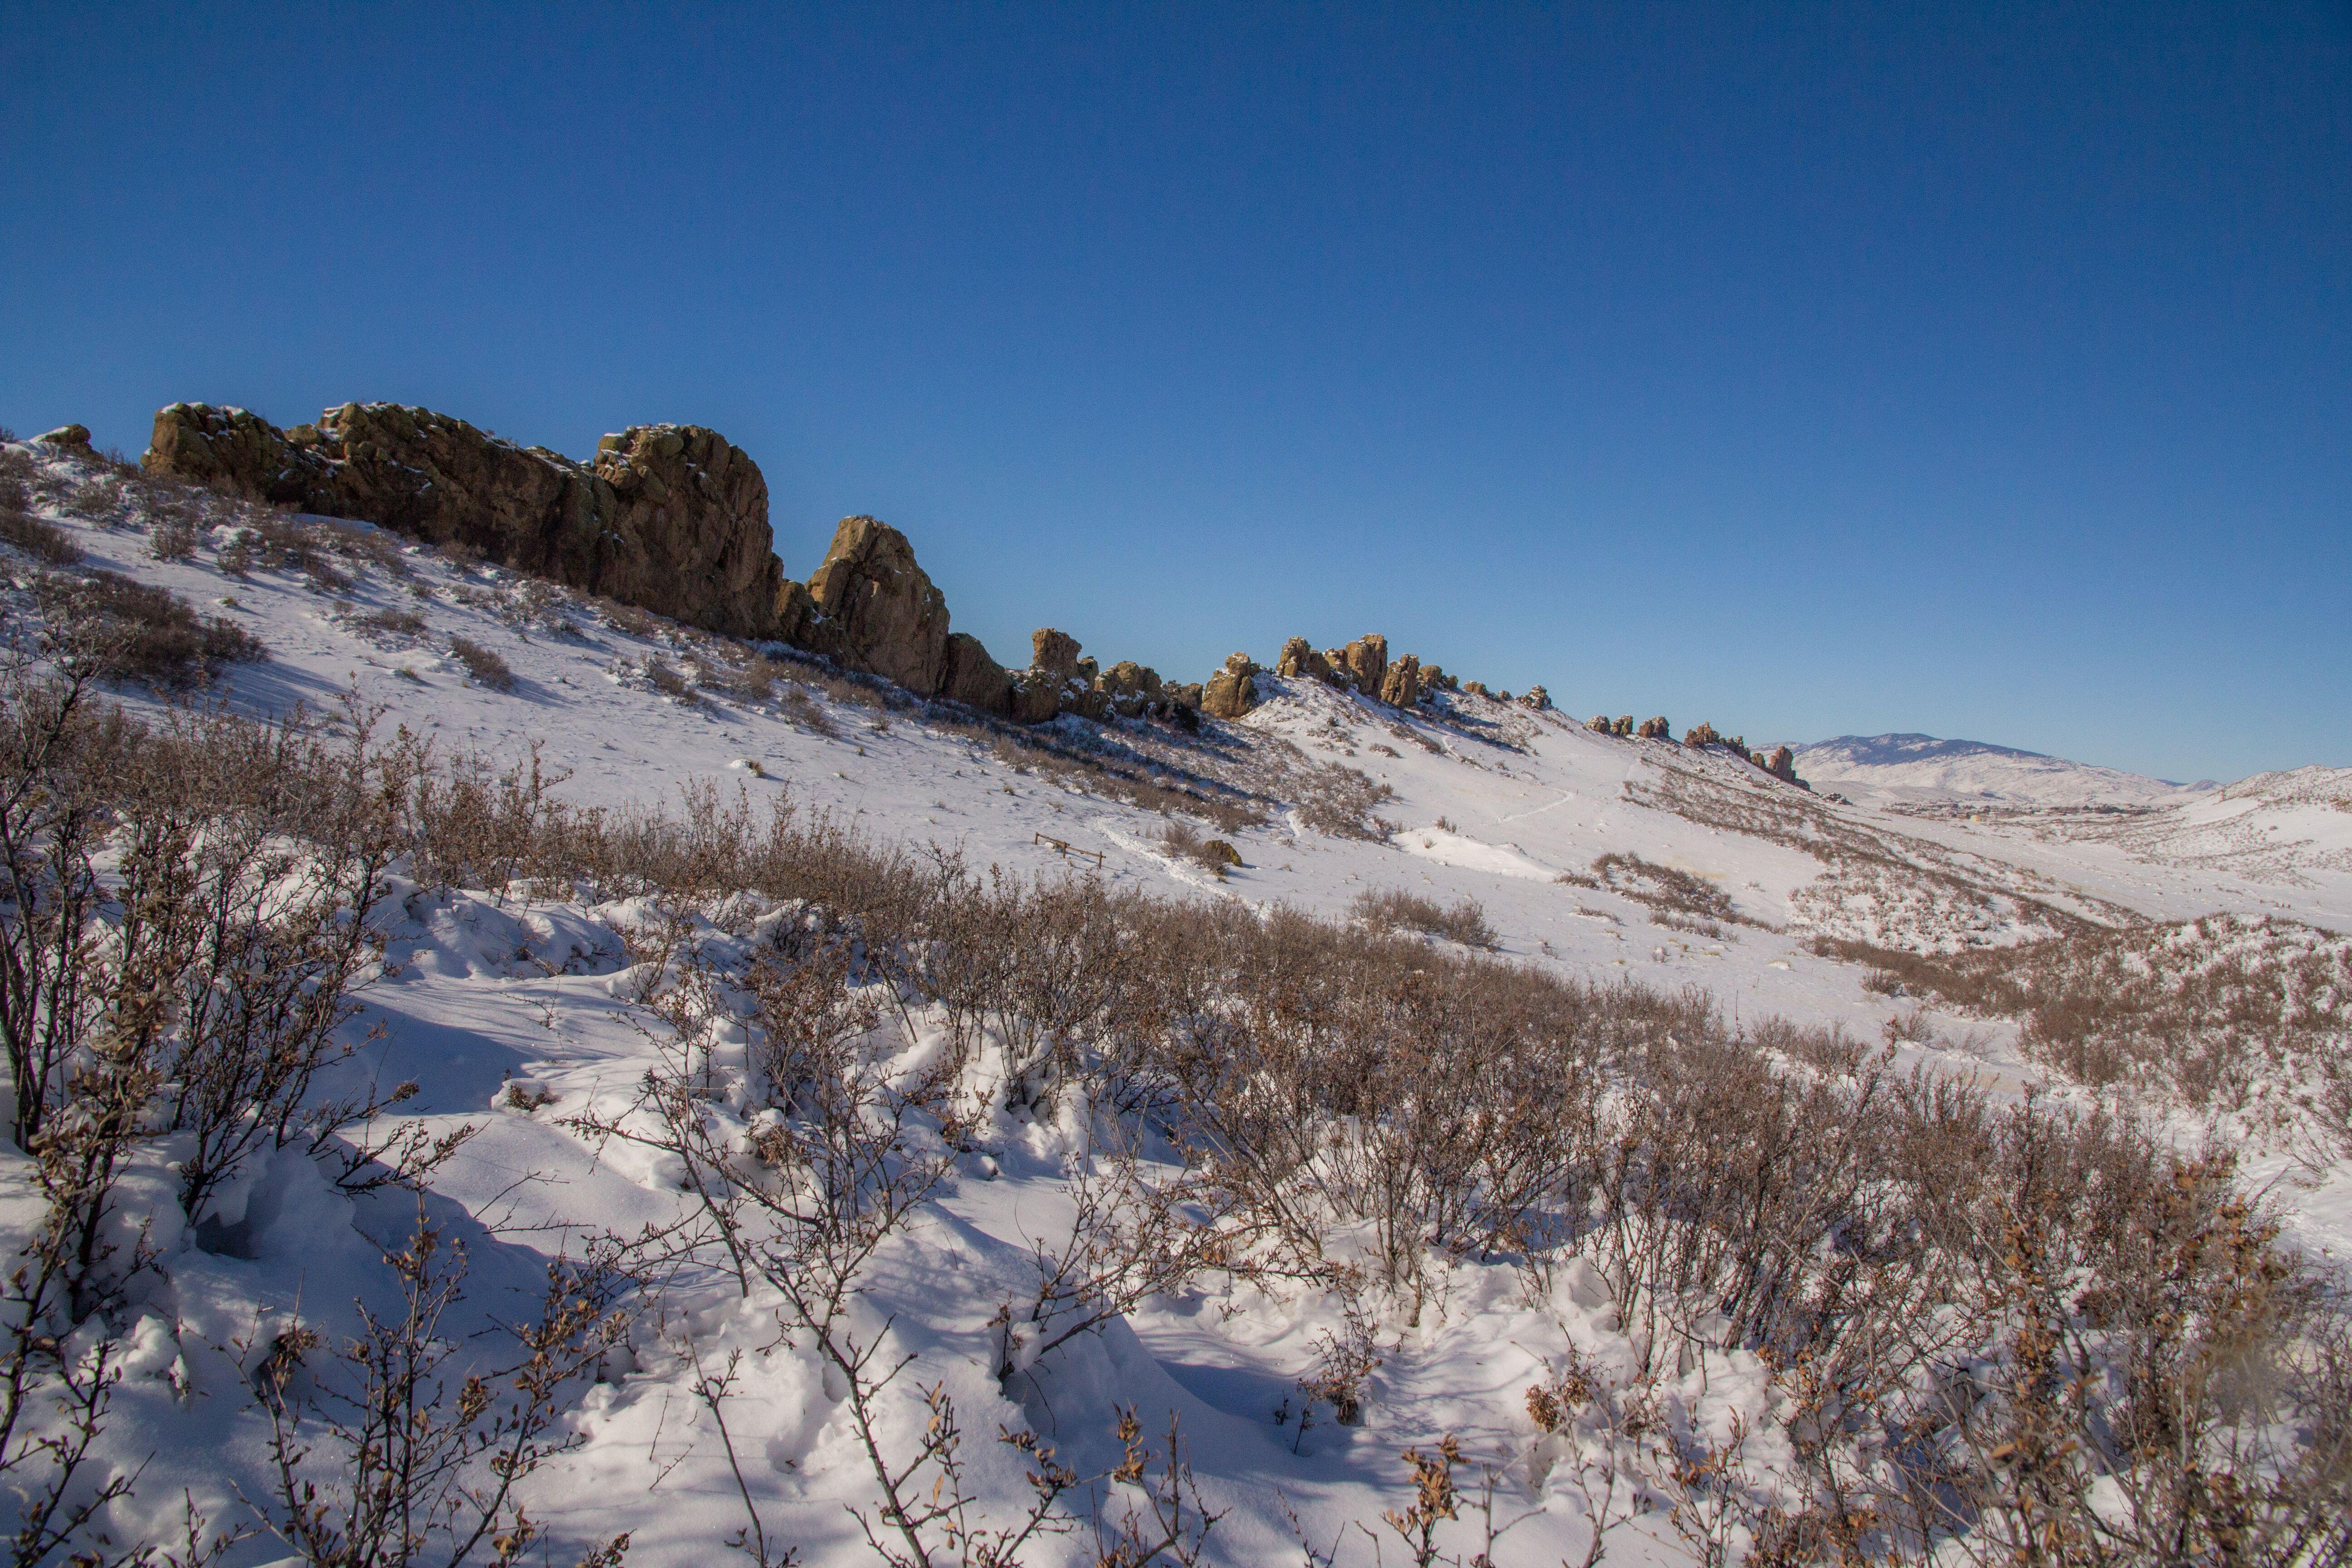 Image 1: Devil's Backbone Open Space in snow by Aliy Louie